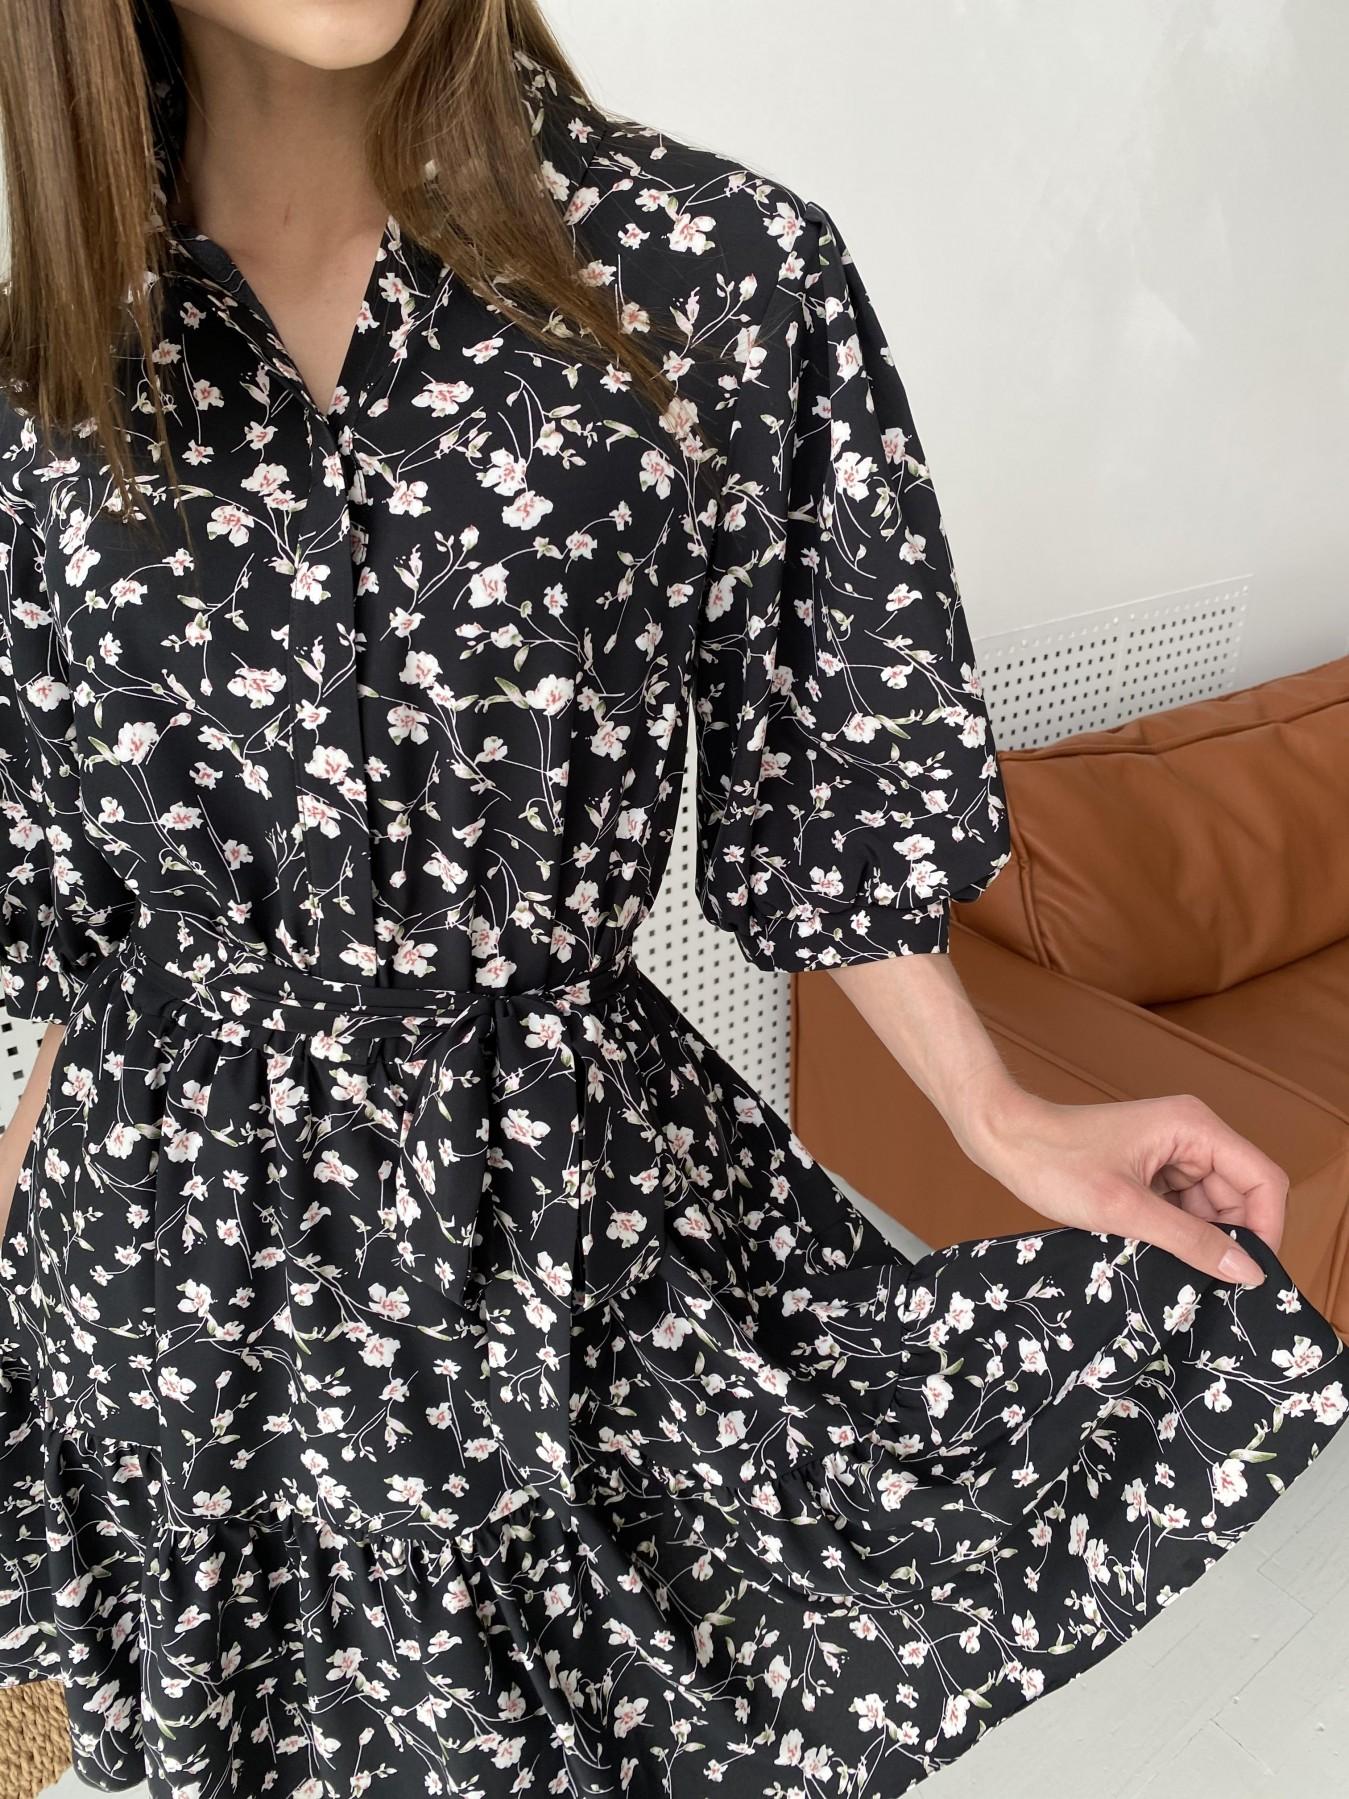 Молизе платье с коротким рукавом из софт ткани в принт 11315 АРТ. 47852 Цвет: Черный/молоко, Цветы - фото 7, интернет магазин tm-modus.ru